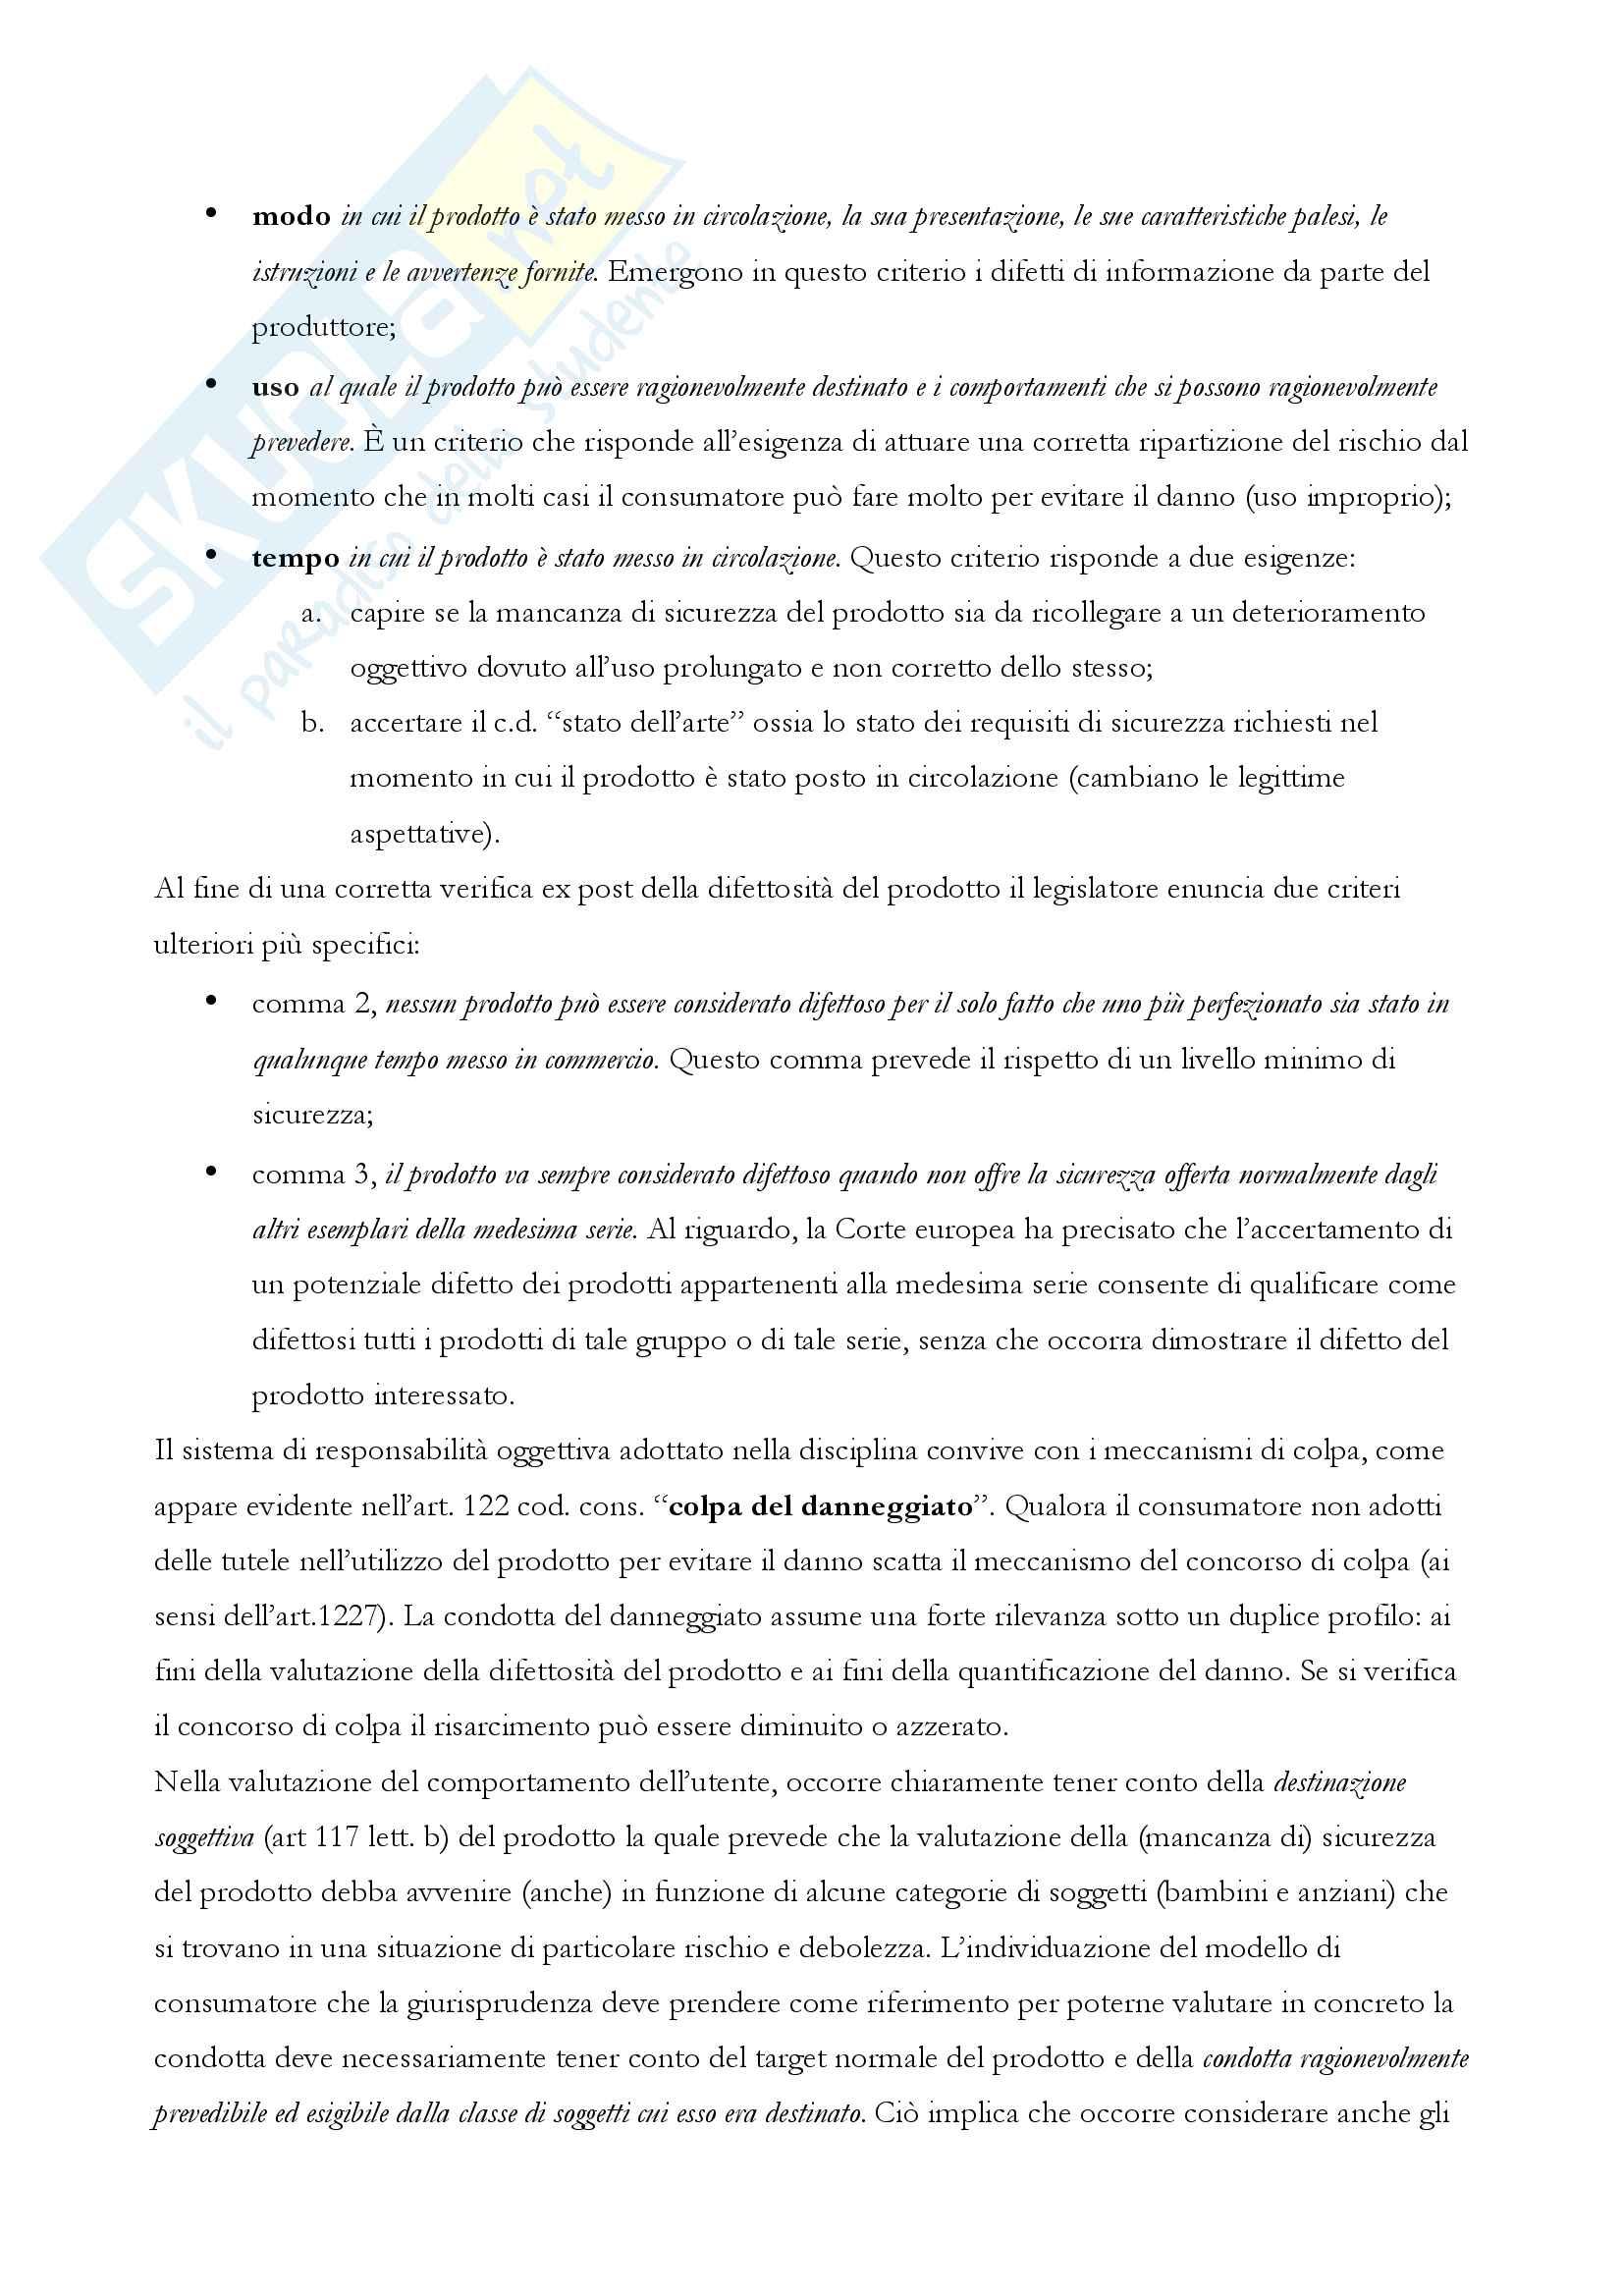 """Riassunto esame di """"Responsabilità d'impresa e consumatori"""", prof. Elena Bellisario Pag. 46"""